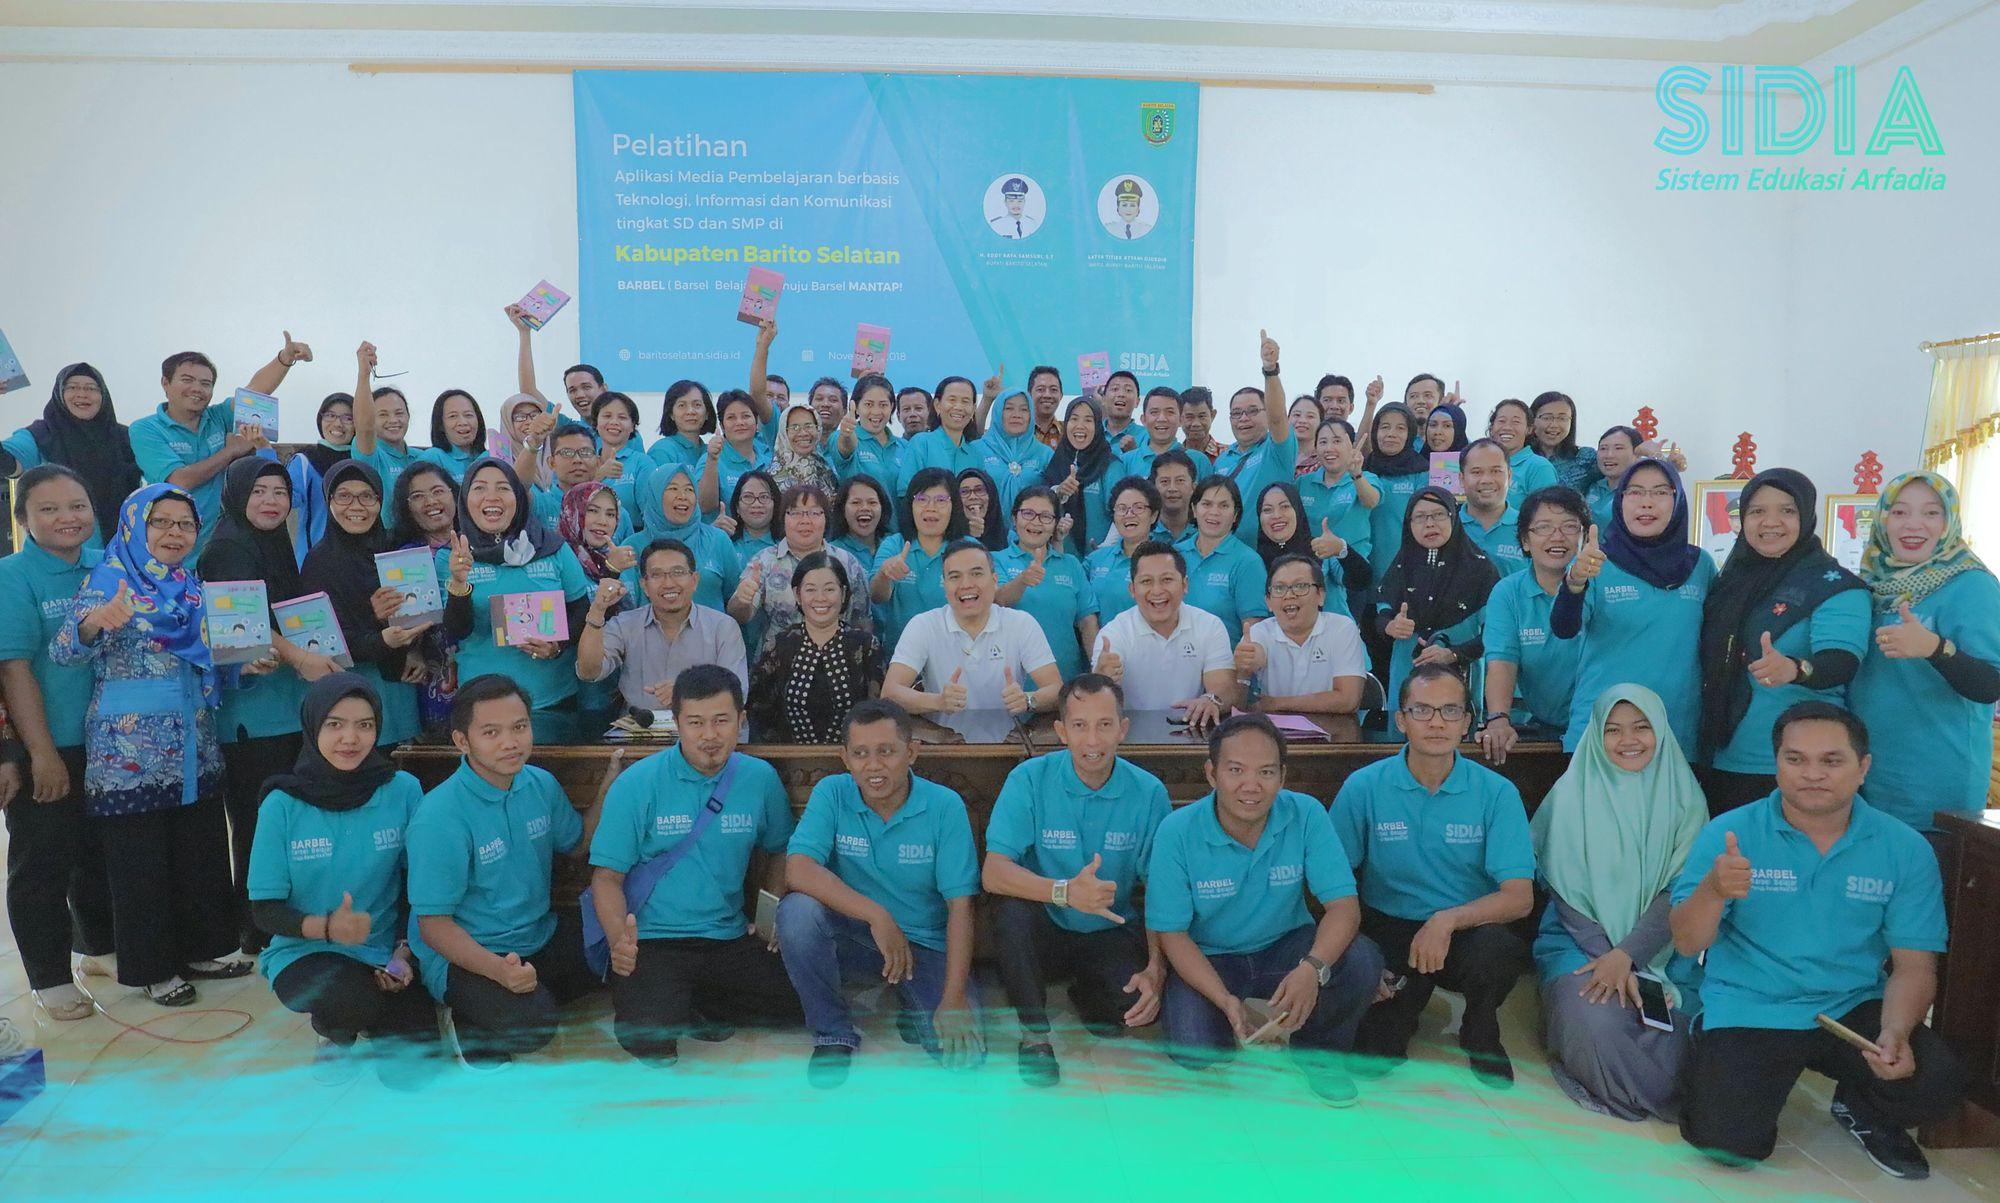 SIDIA resmi digunakan di Kabupaten Barito Selatan Kalimantan Tengah